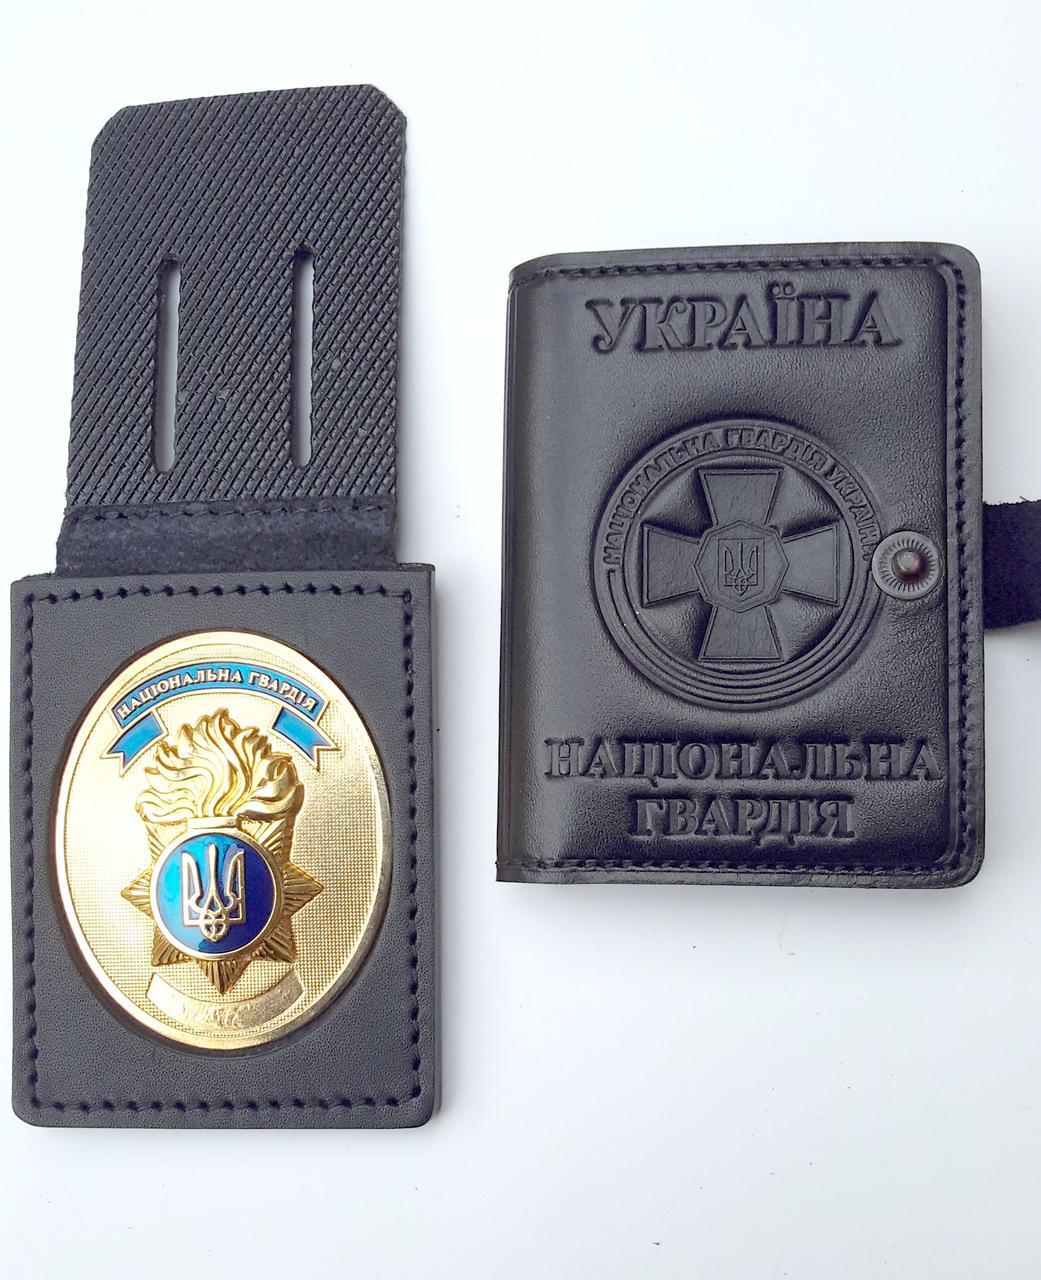 Шкіряна обкладинка посвідчення національної гвардії з шевроном під жетон